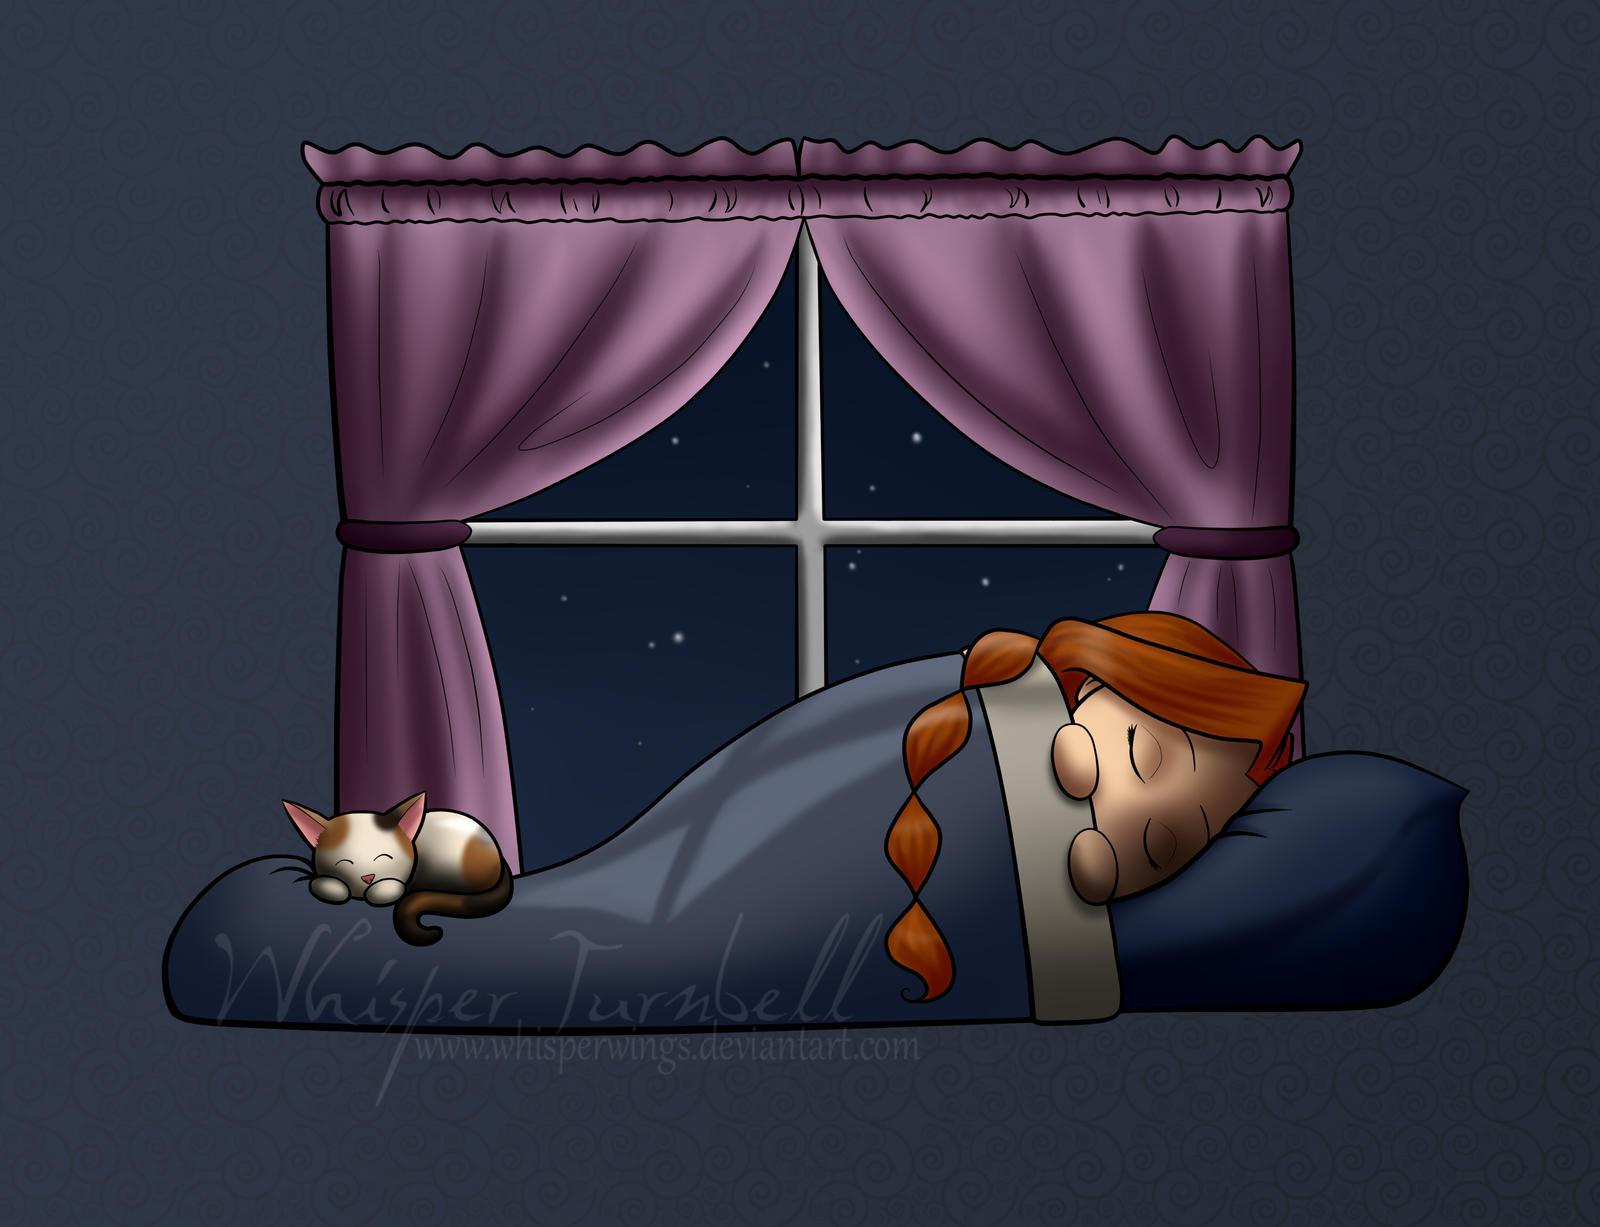 Sleepy Time by Whisperwings